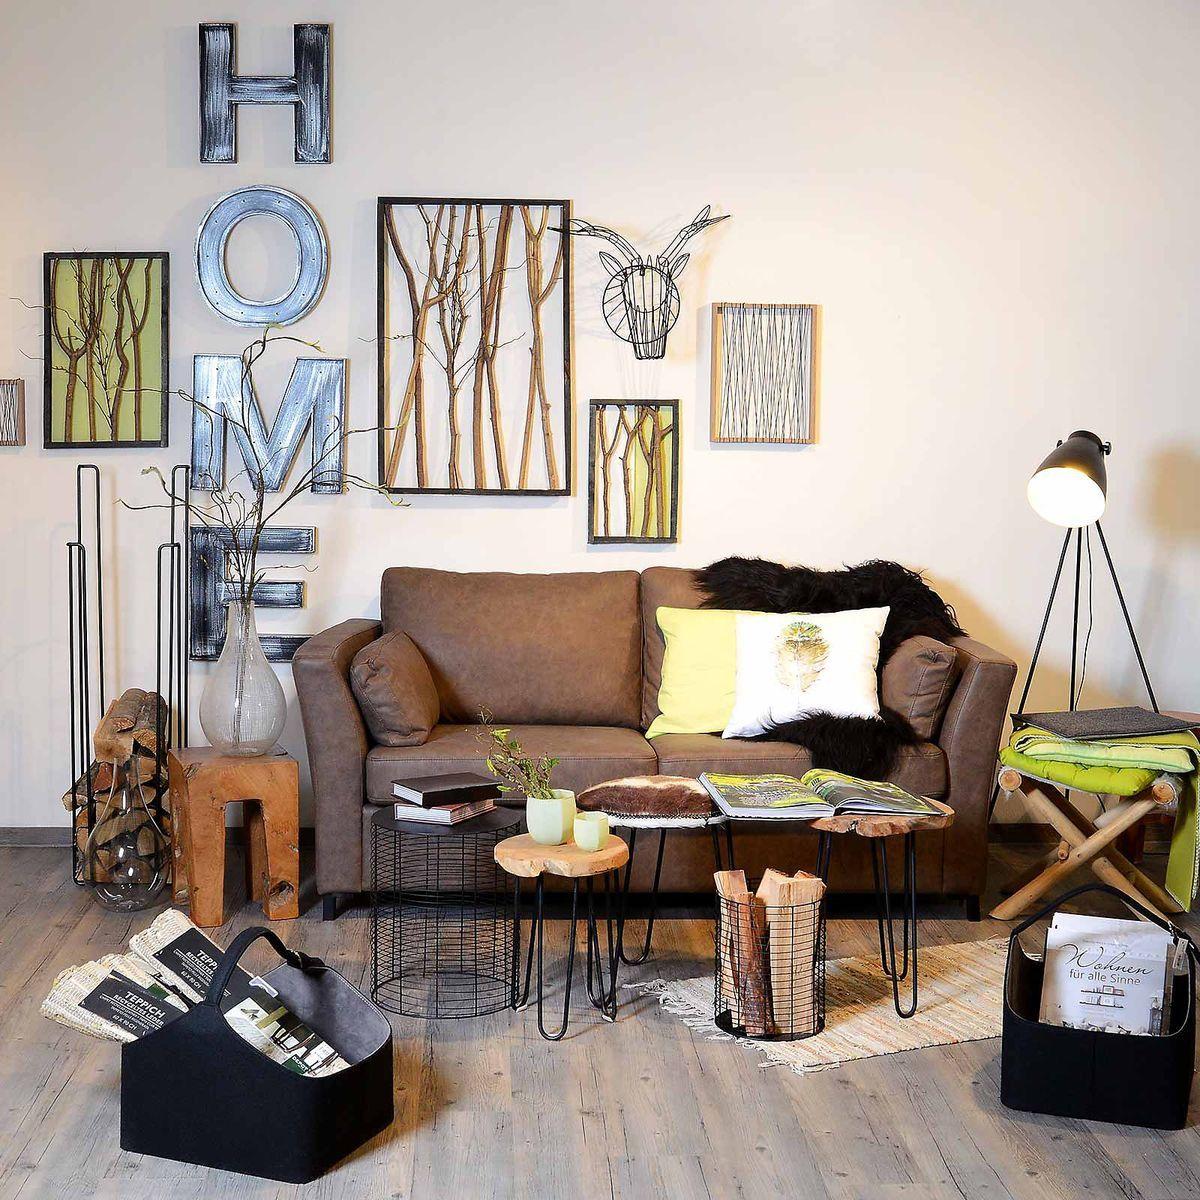 sofa vintage lederoptik 2 3 sitzer braun ca l 190 cm bez ge 70 kunstleder 30 polyurethan. Black Bedroom Furniture Sets. Home Design Ideas